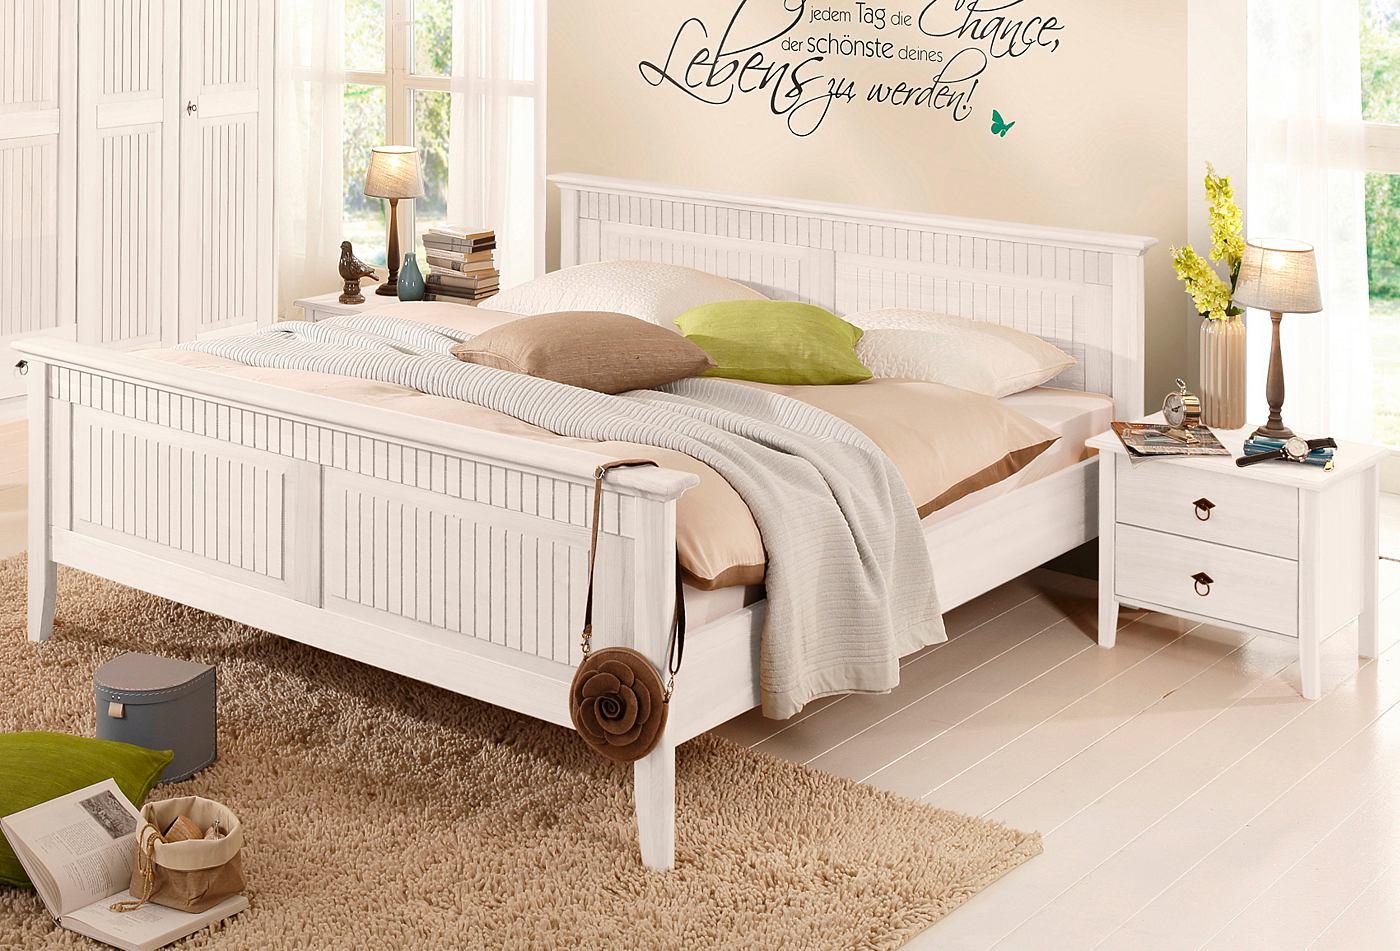 Home affaire slaapkamer